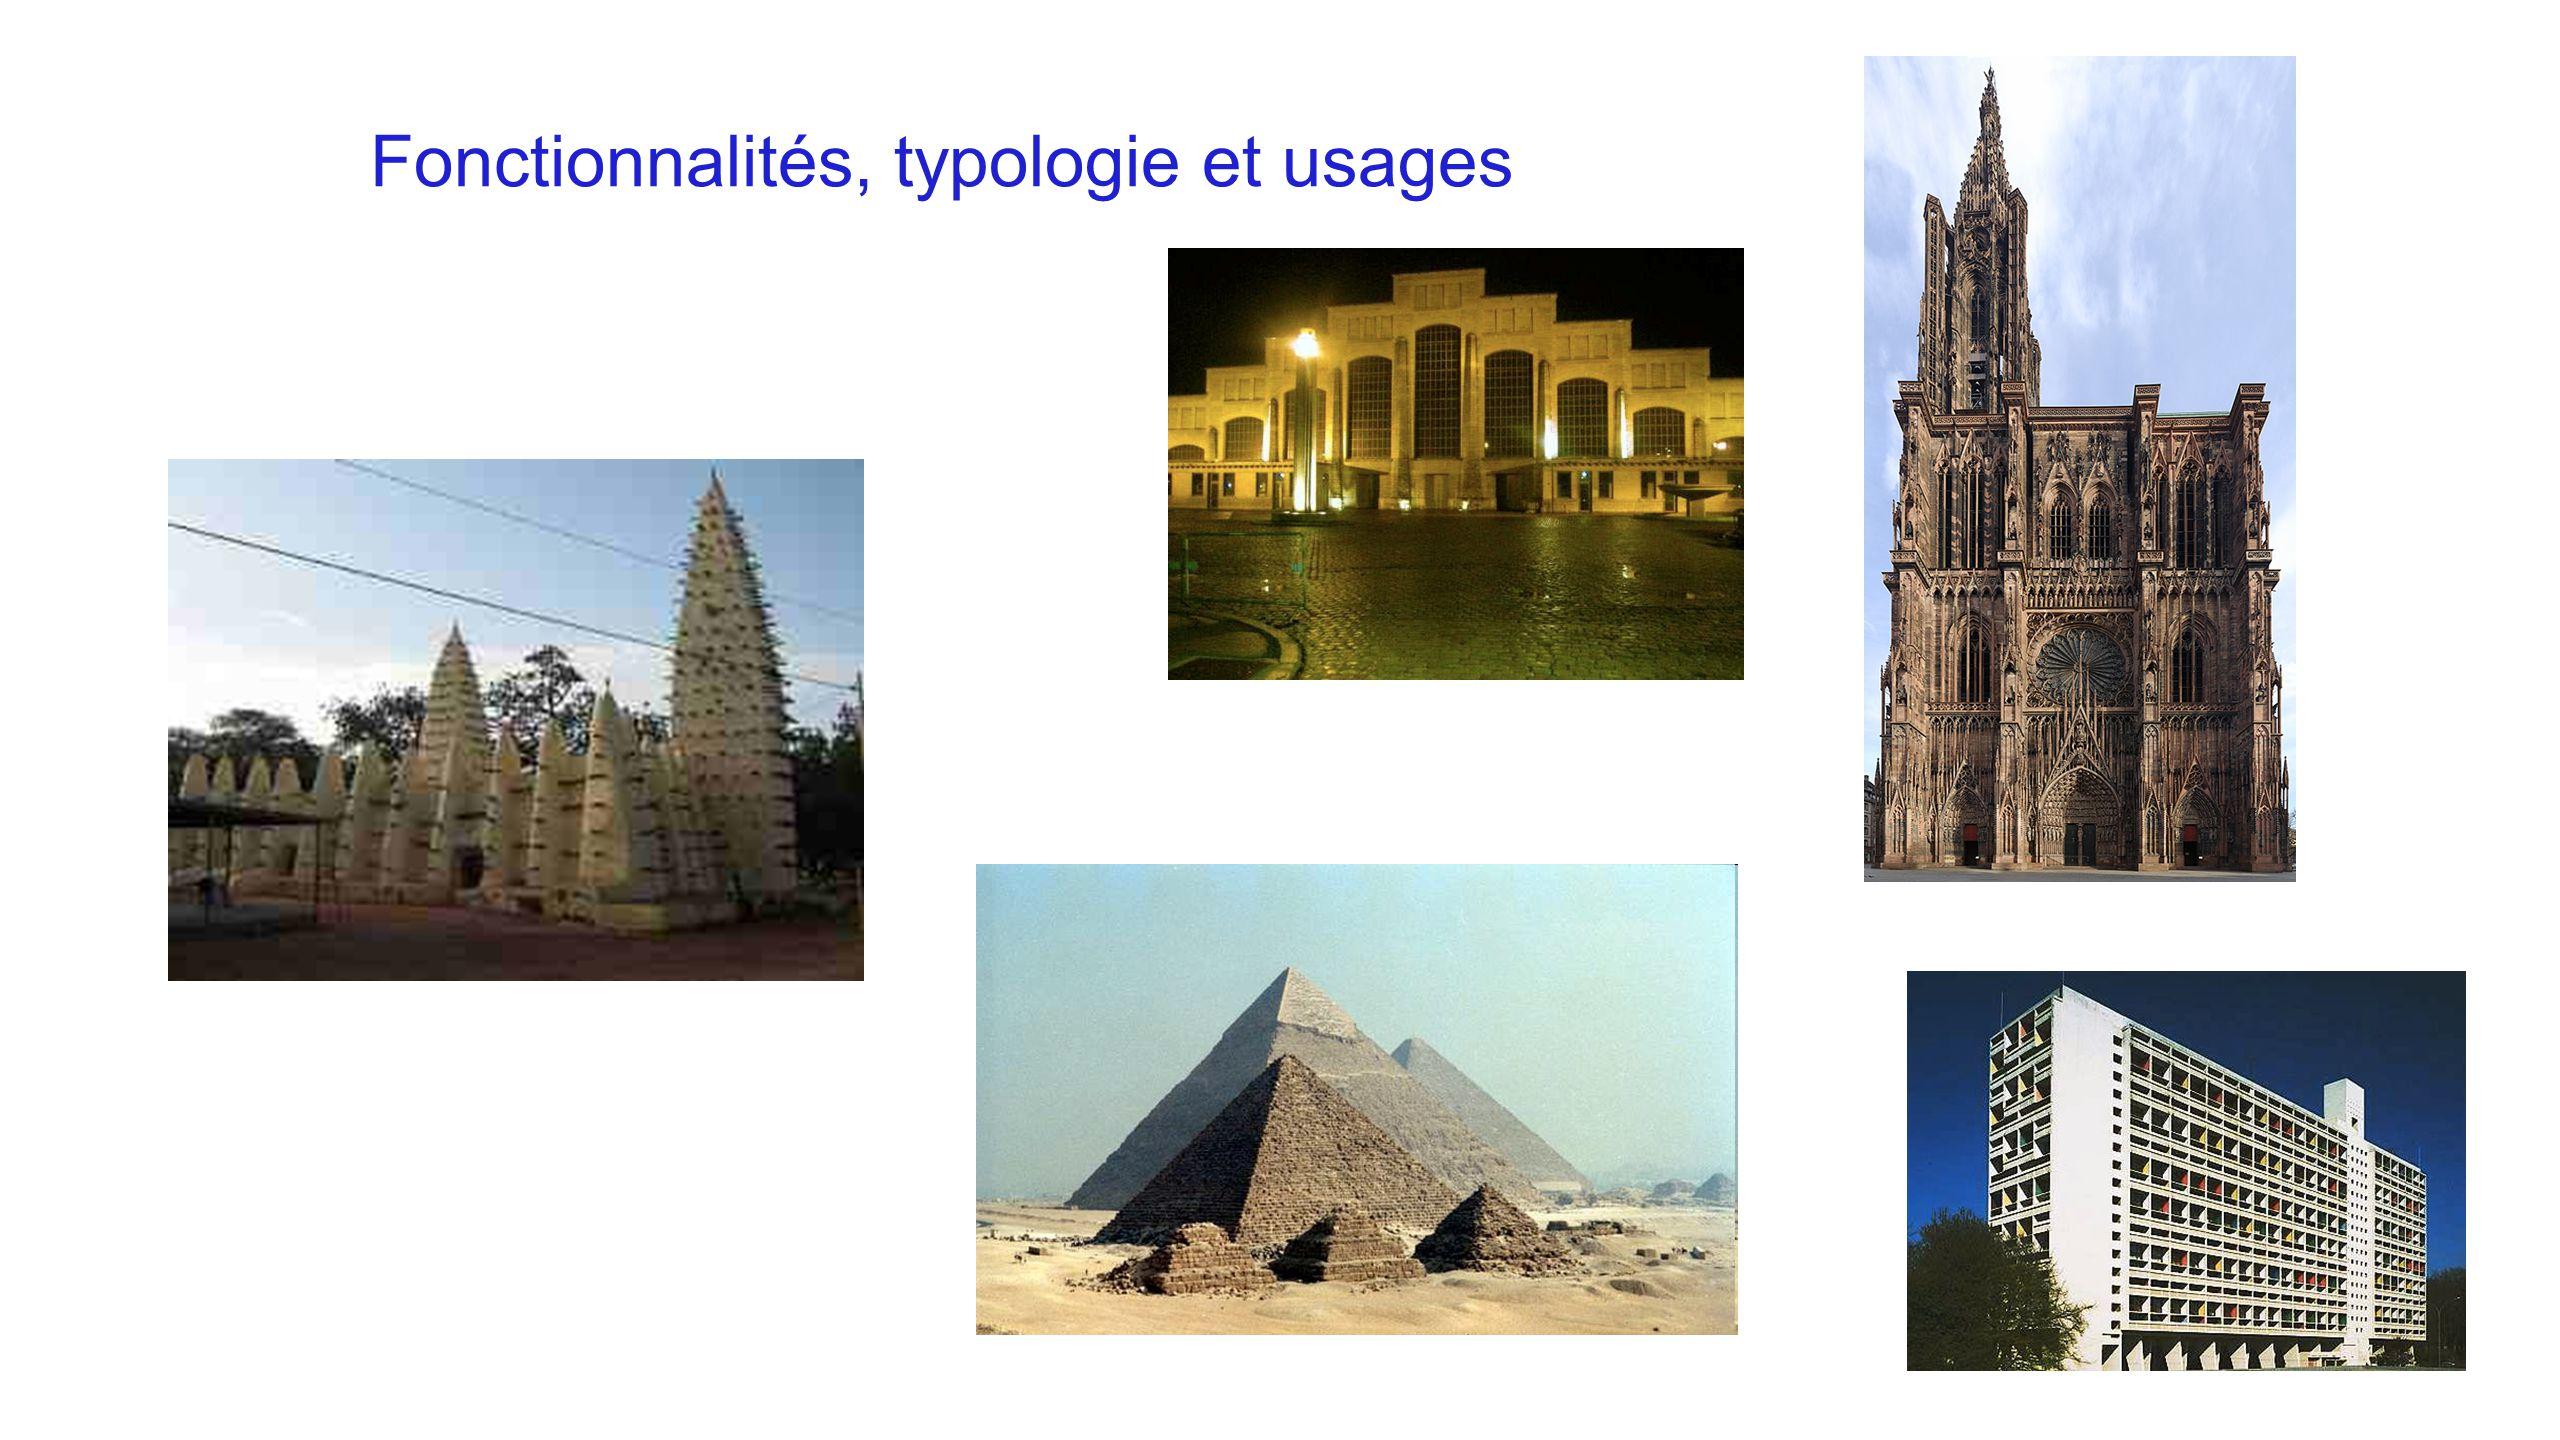 Fonctionnalités, typologie et usages